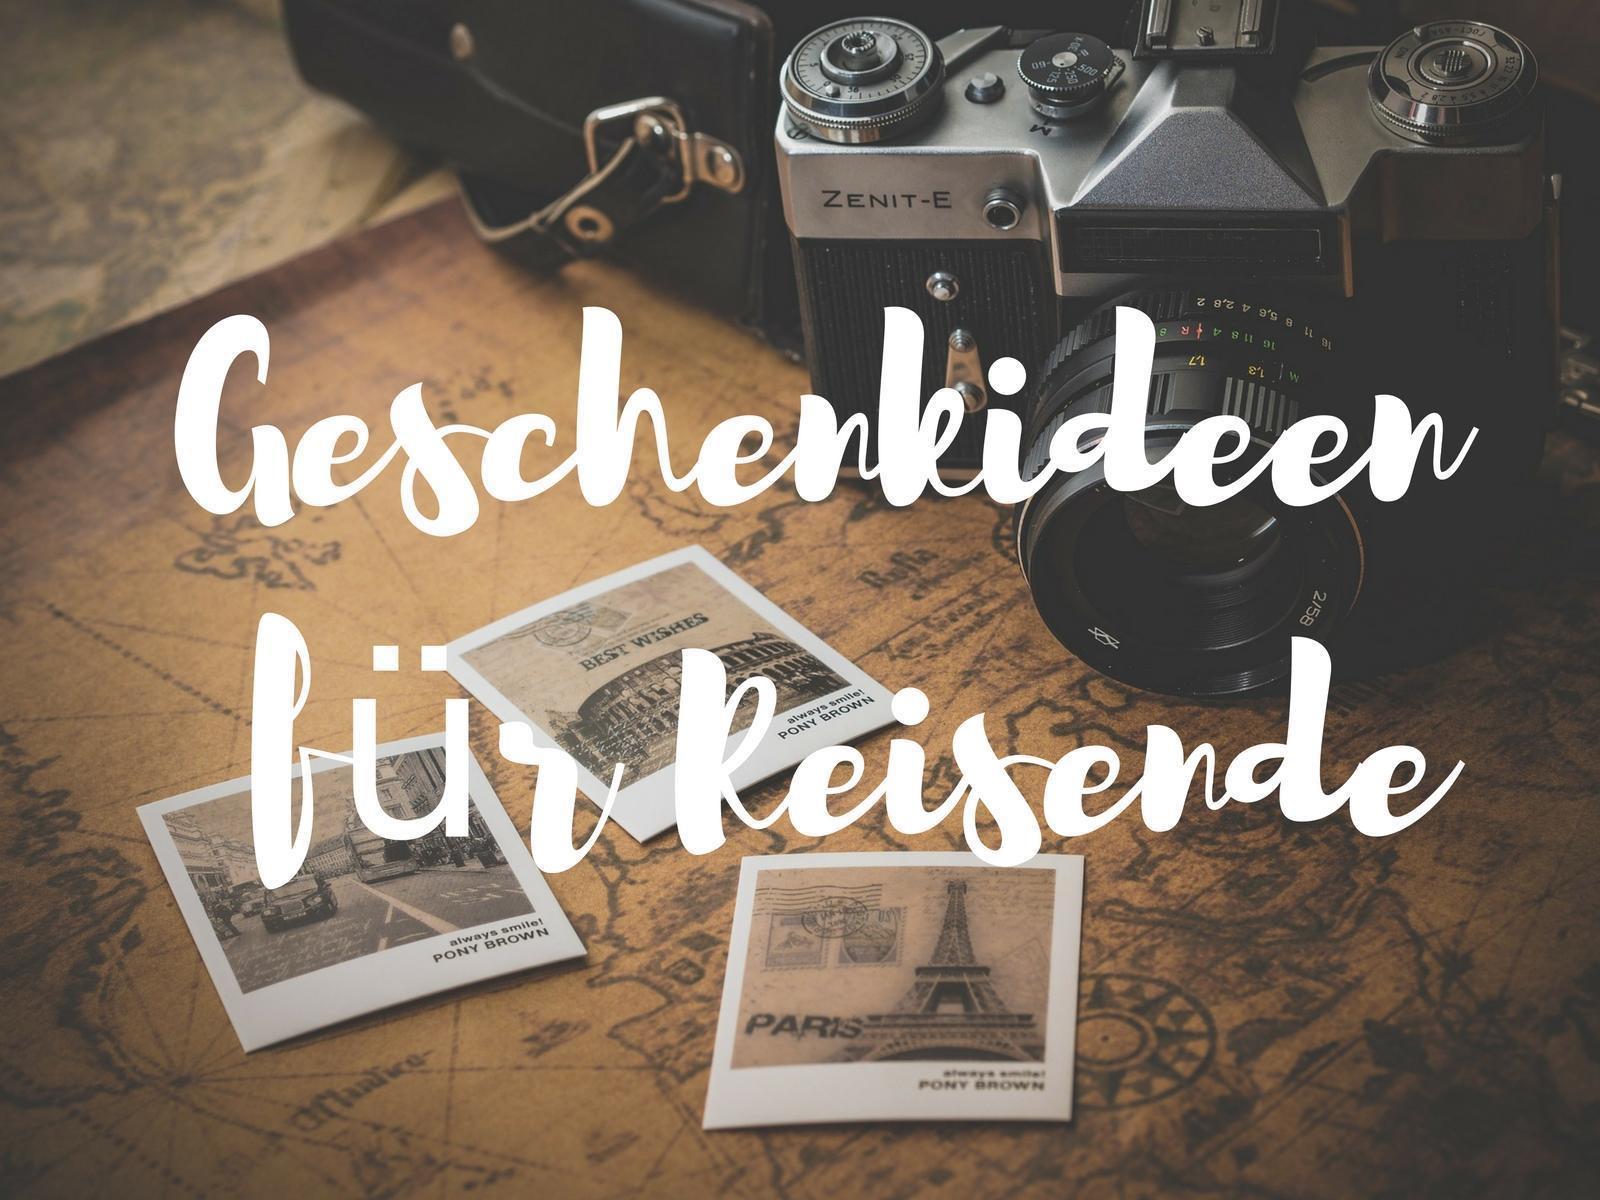 Geschenkideen Für Reisende  25 praktische Geschenke für Reisende